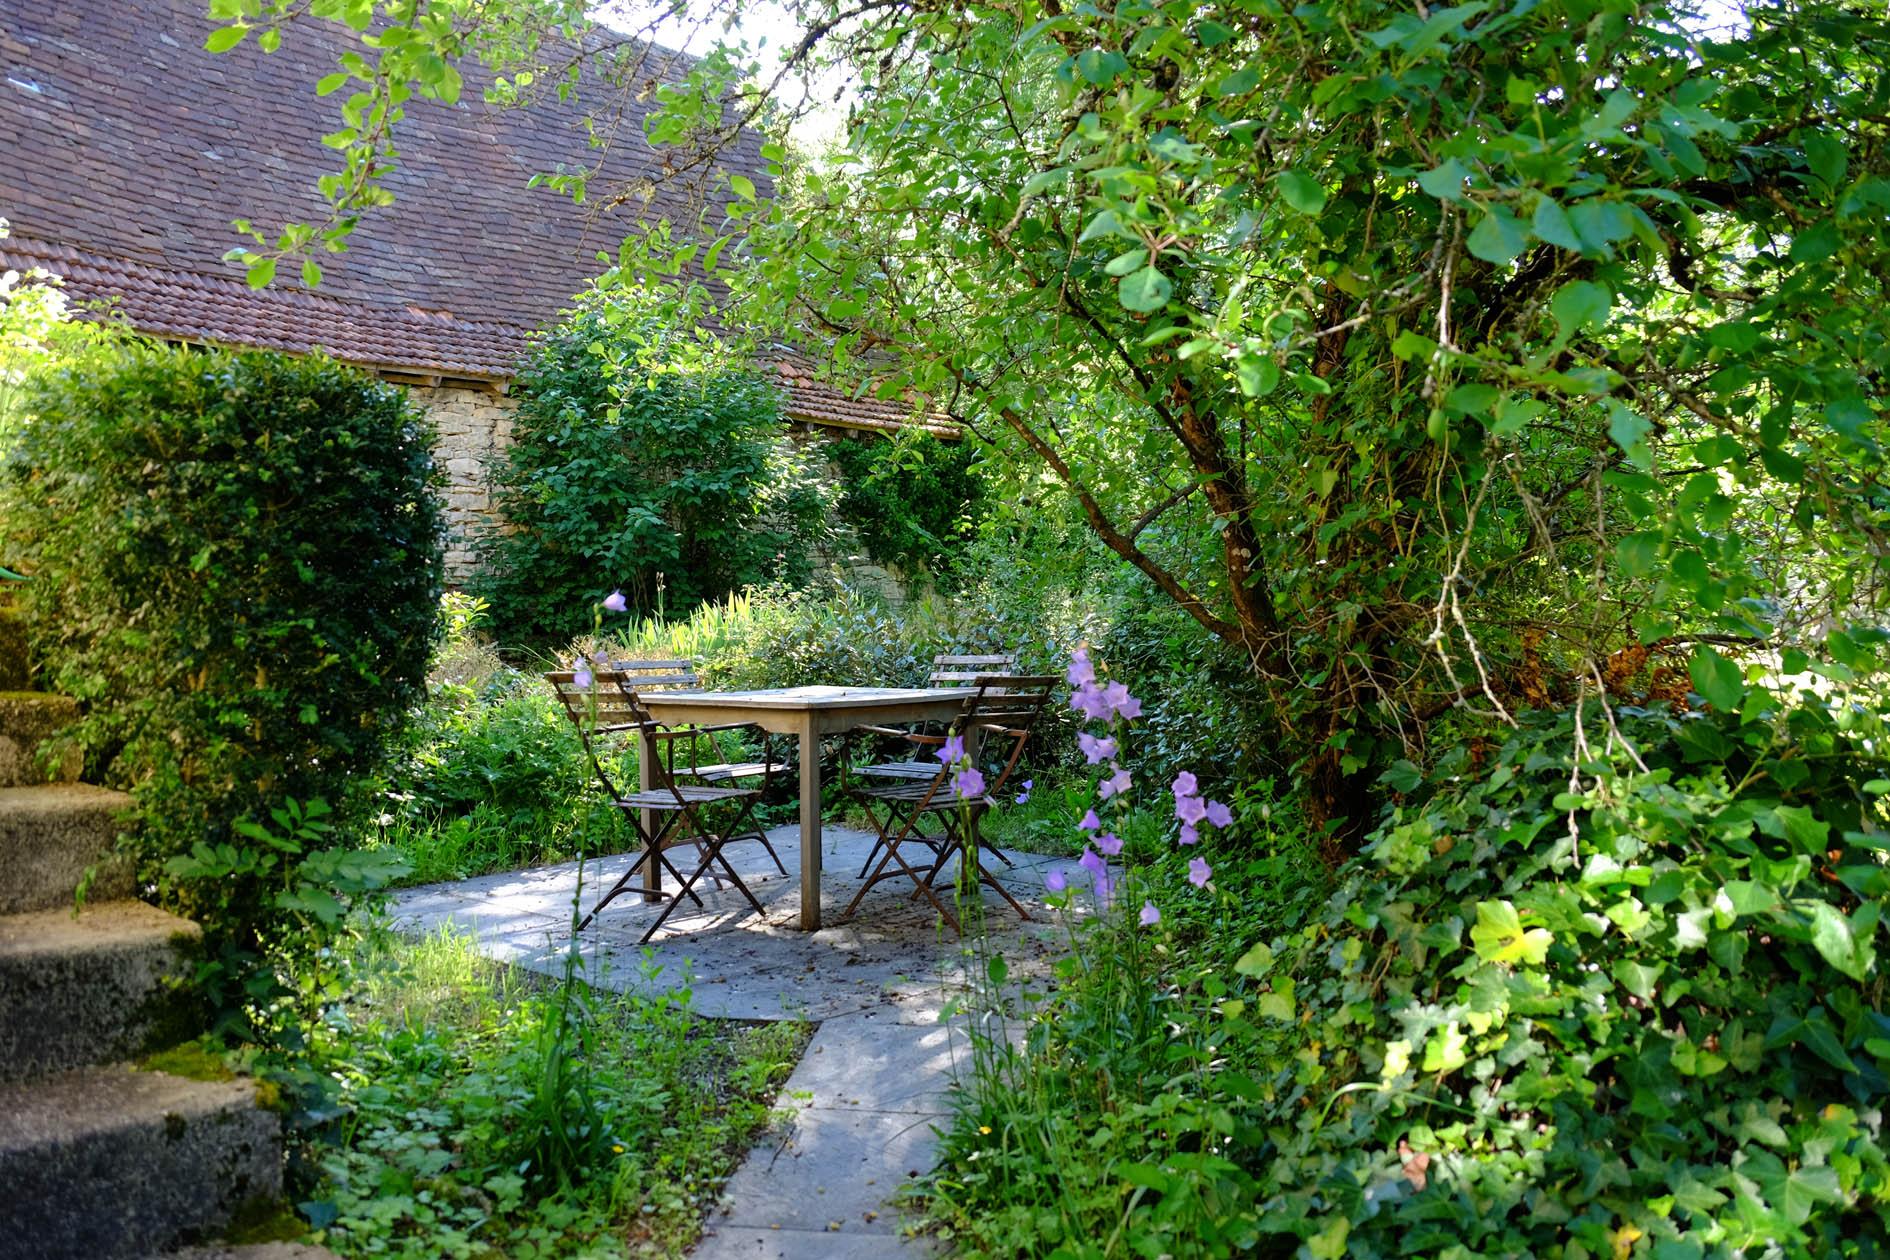 jardin Celestine.jpg